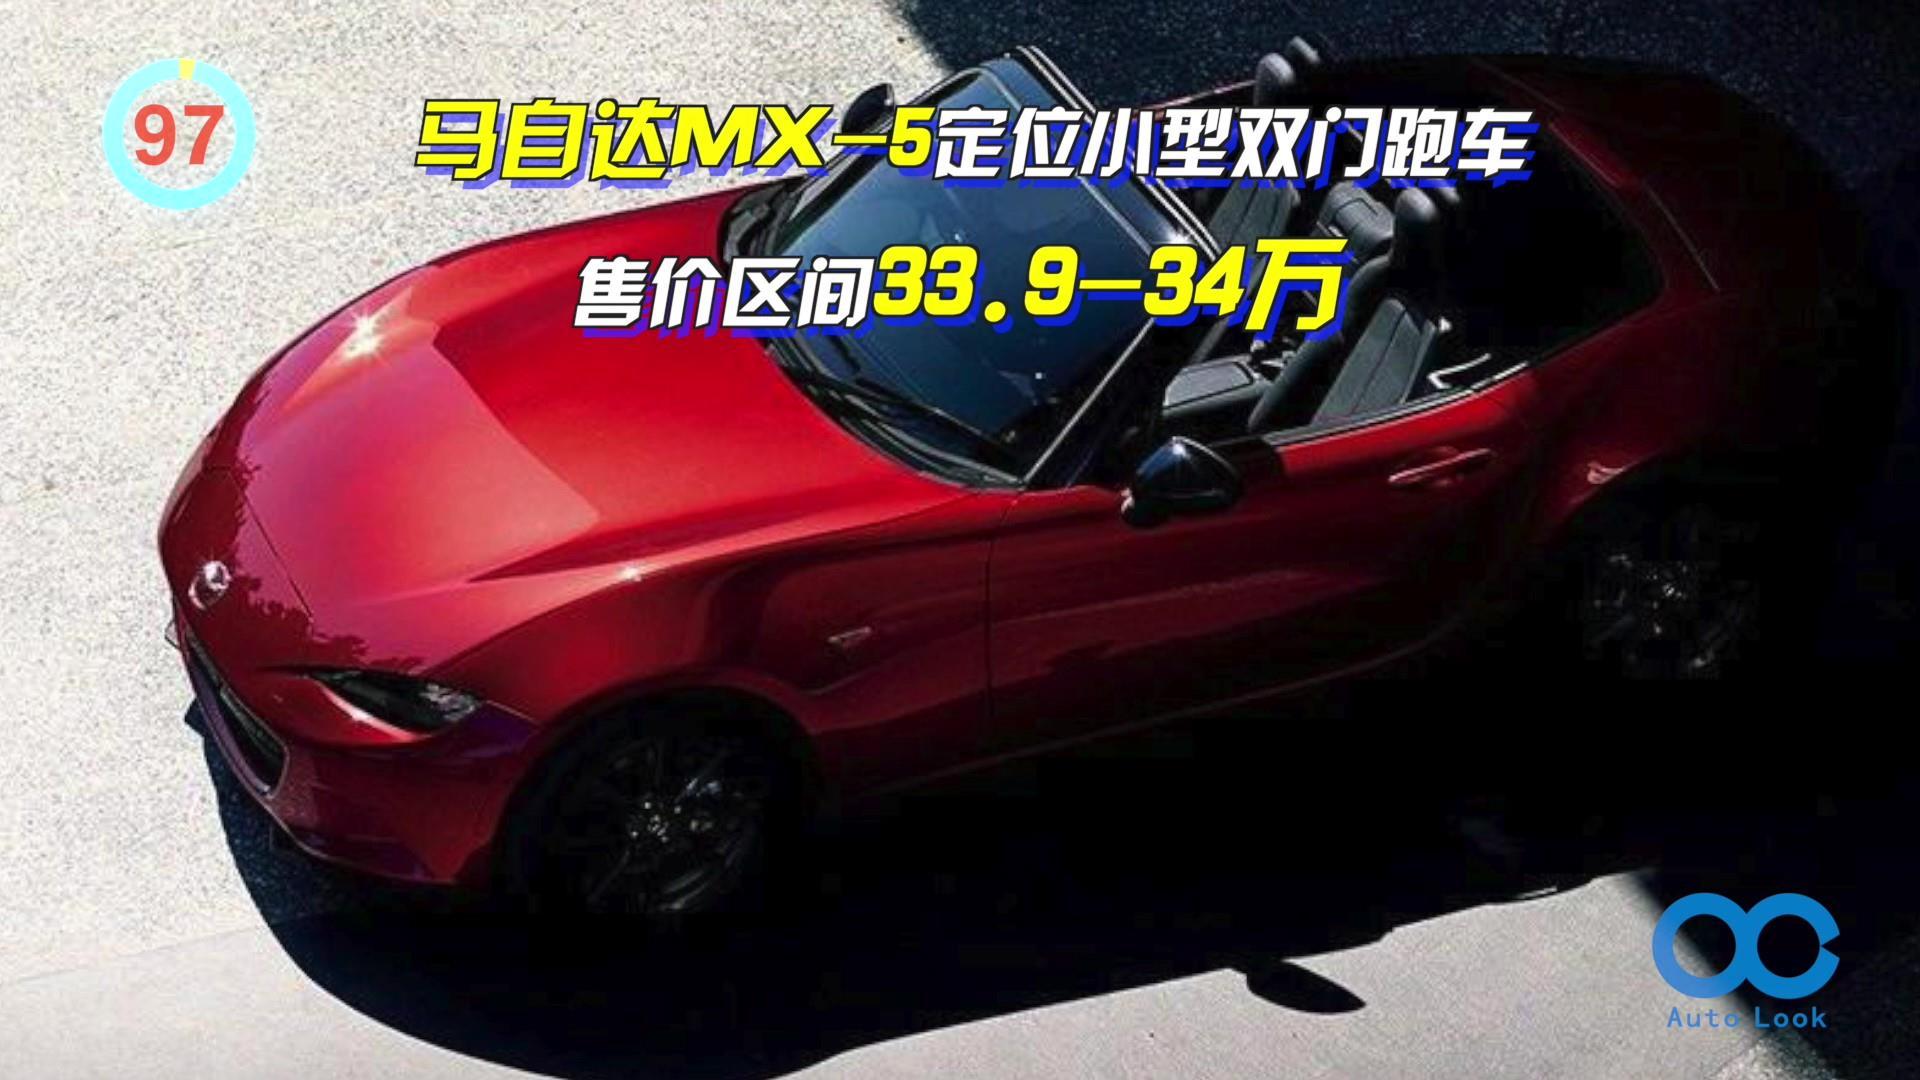 「百秒看车」马自达MX-5 销量过百万 曾获最畅销跑车